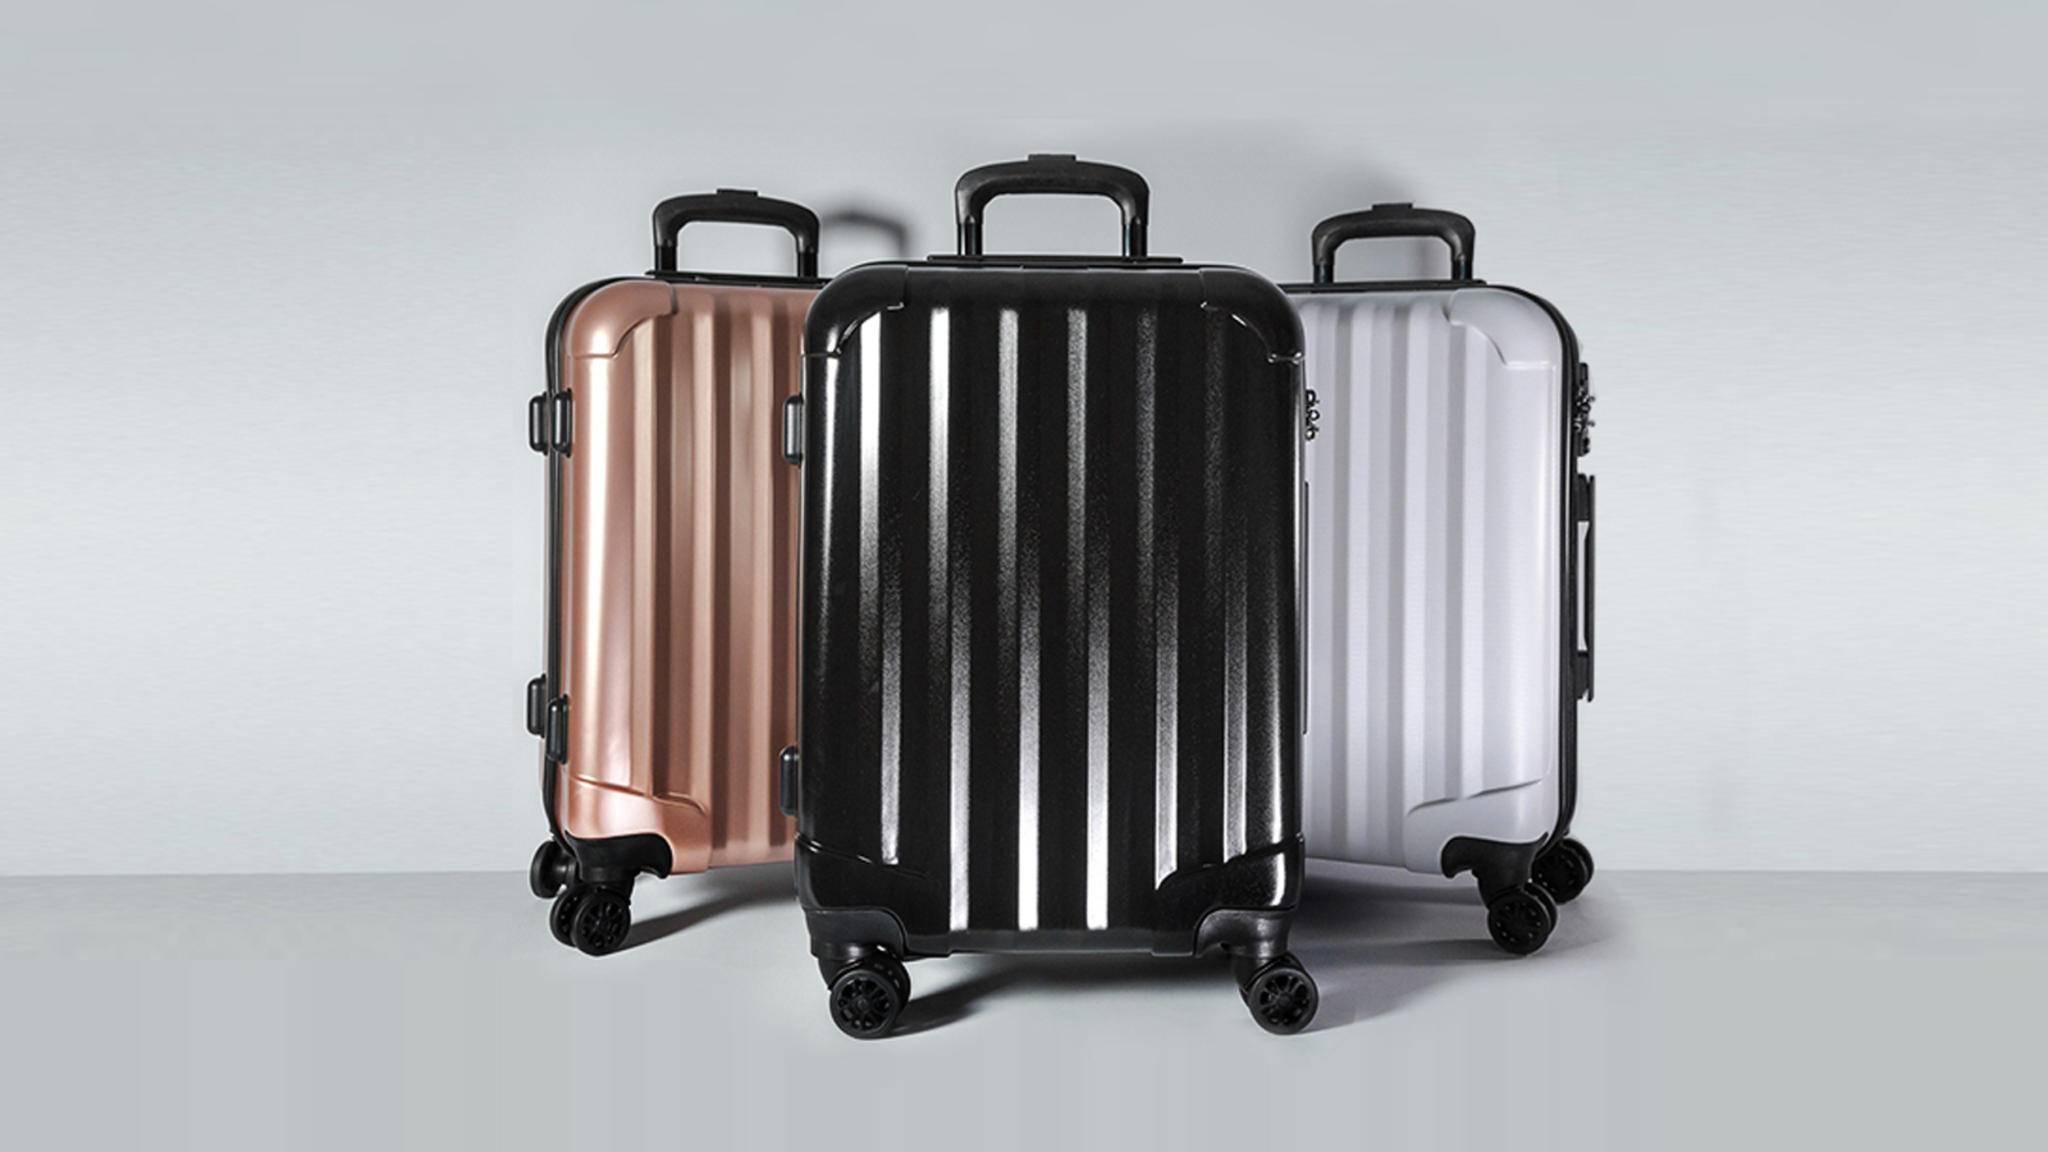 Der Genius Pack Supercharged rollt in 3 verschiedenen Farben an.